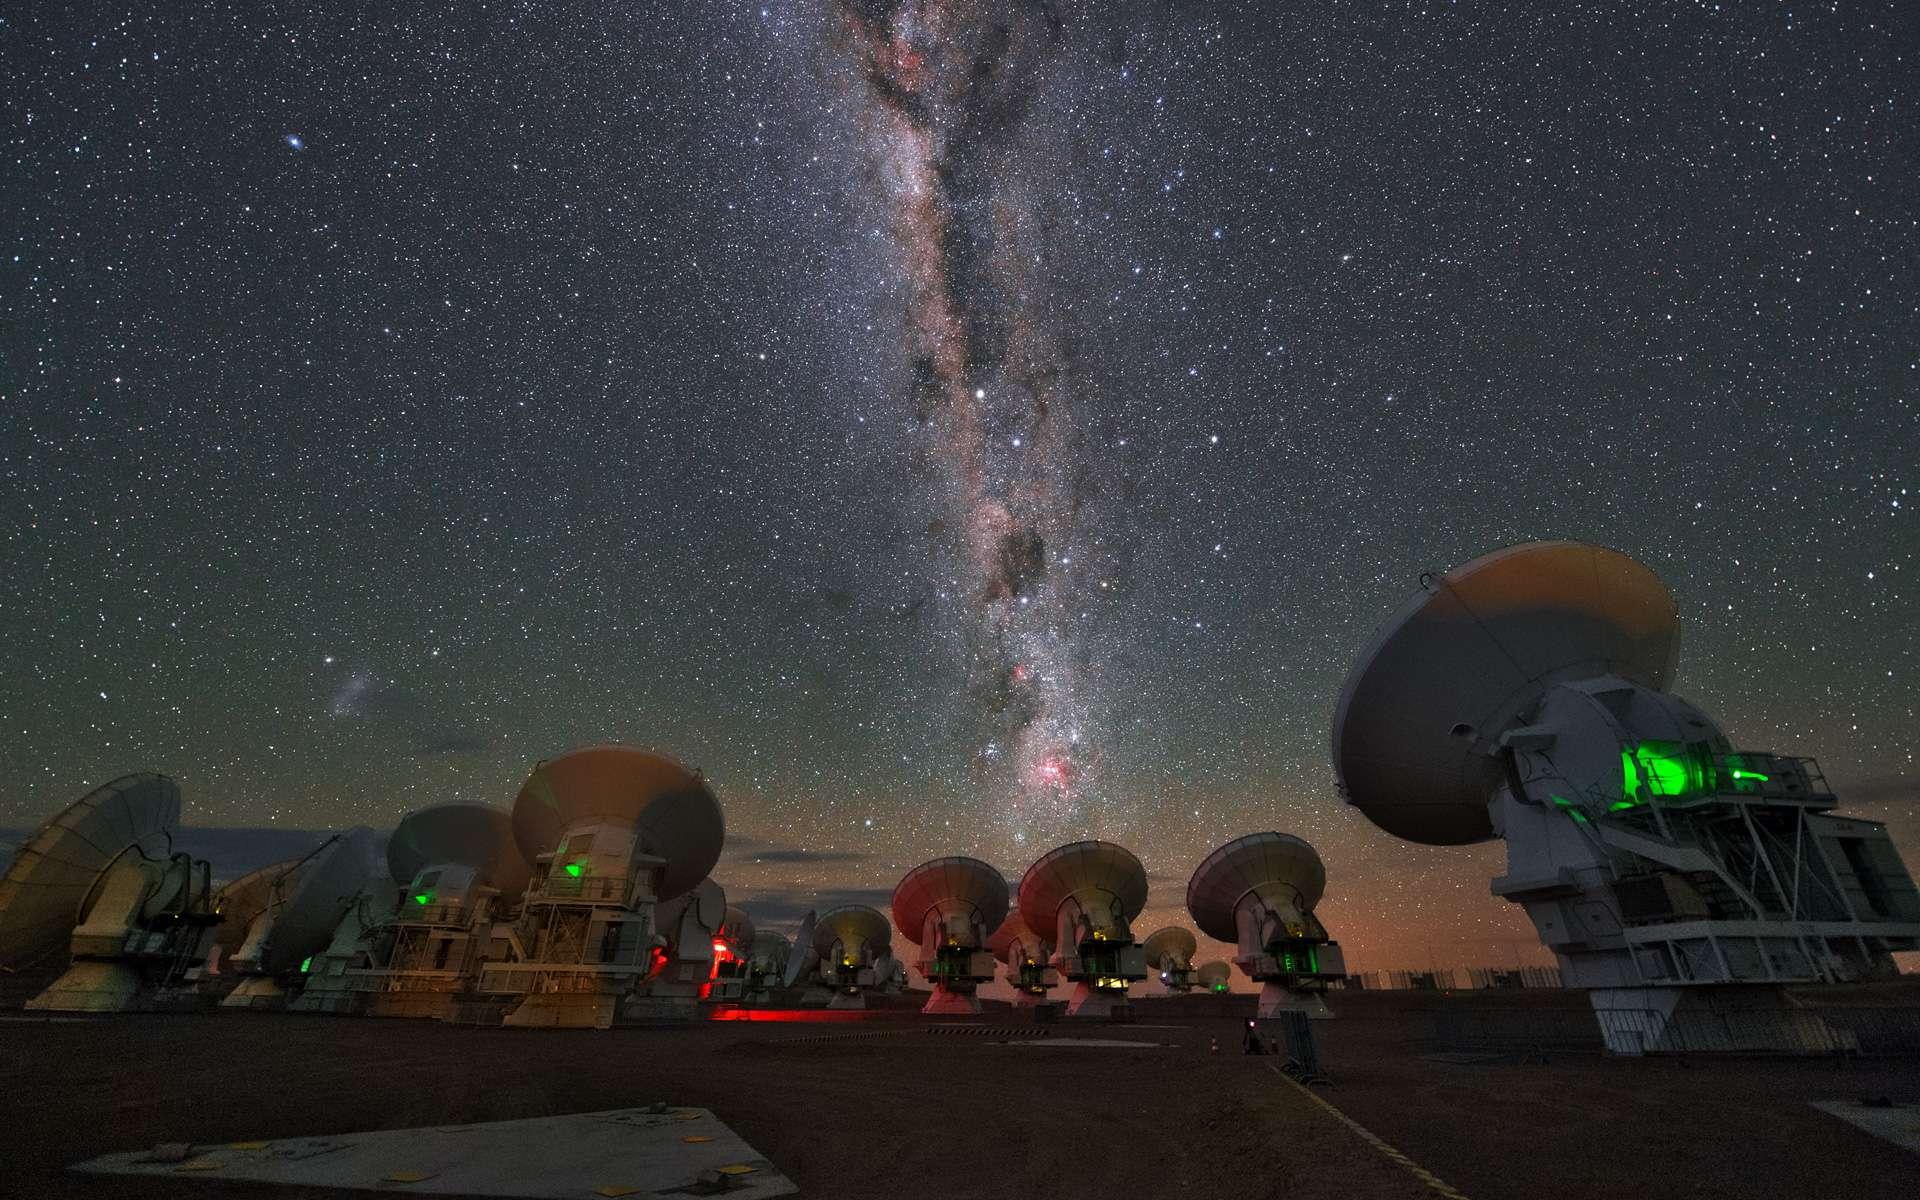 Cette image UHD montre plusieurs antennes Alma au Llano Chajnantor (llano en espagnol signifiant « plateau »). Au-dessus d'eux, la voie lactée est visible. © ESO/Y. Beletsky